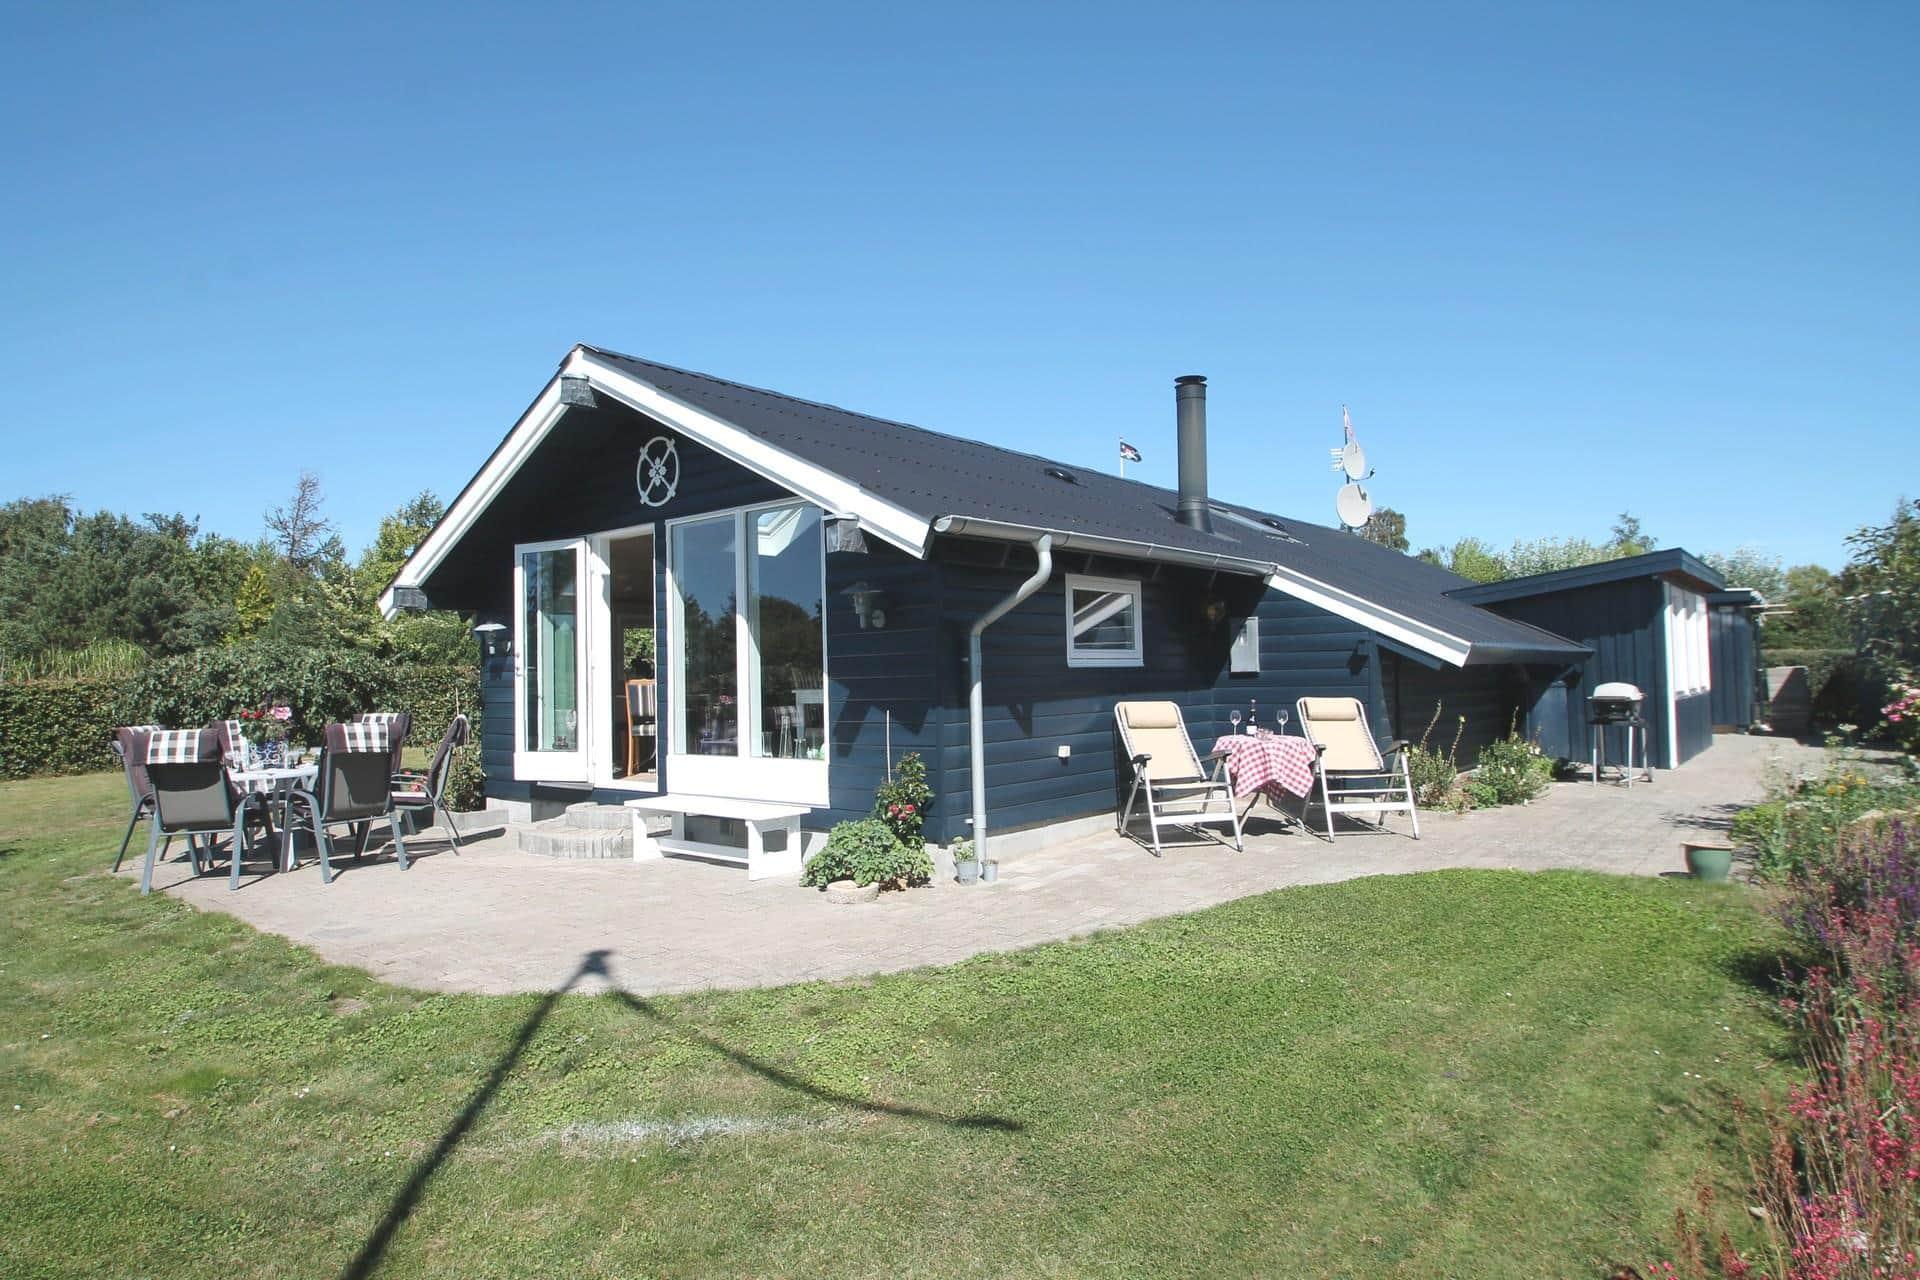 Billede 1-26 Sommerhus SL221, Hørvangen 2, DK - 4200 Slagelse